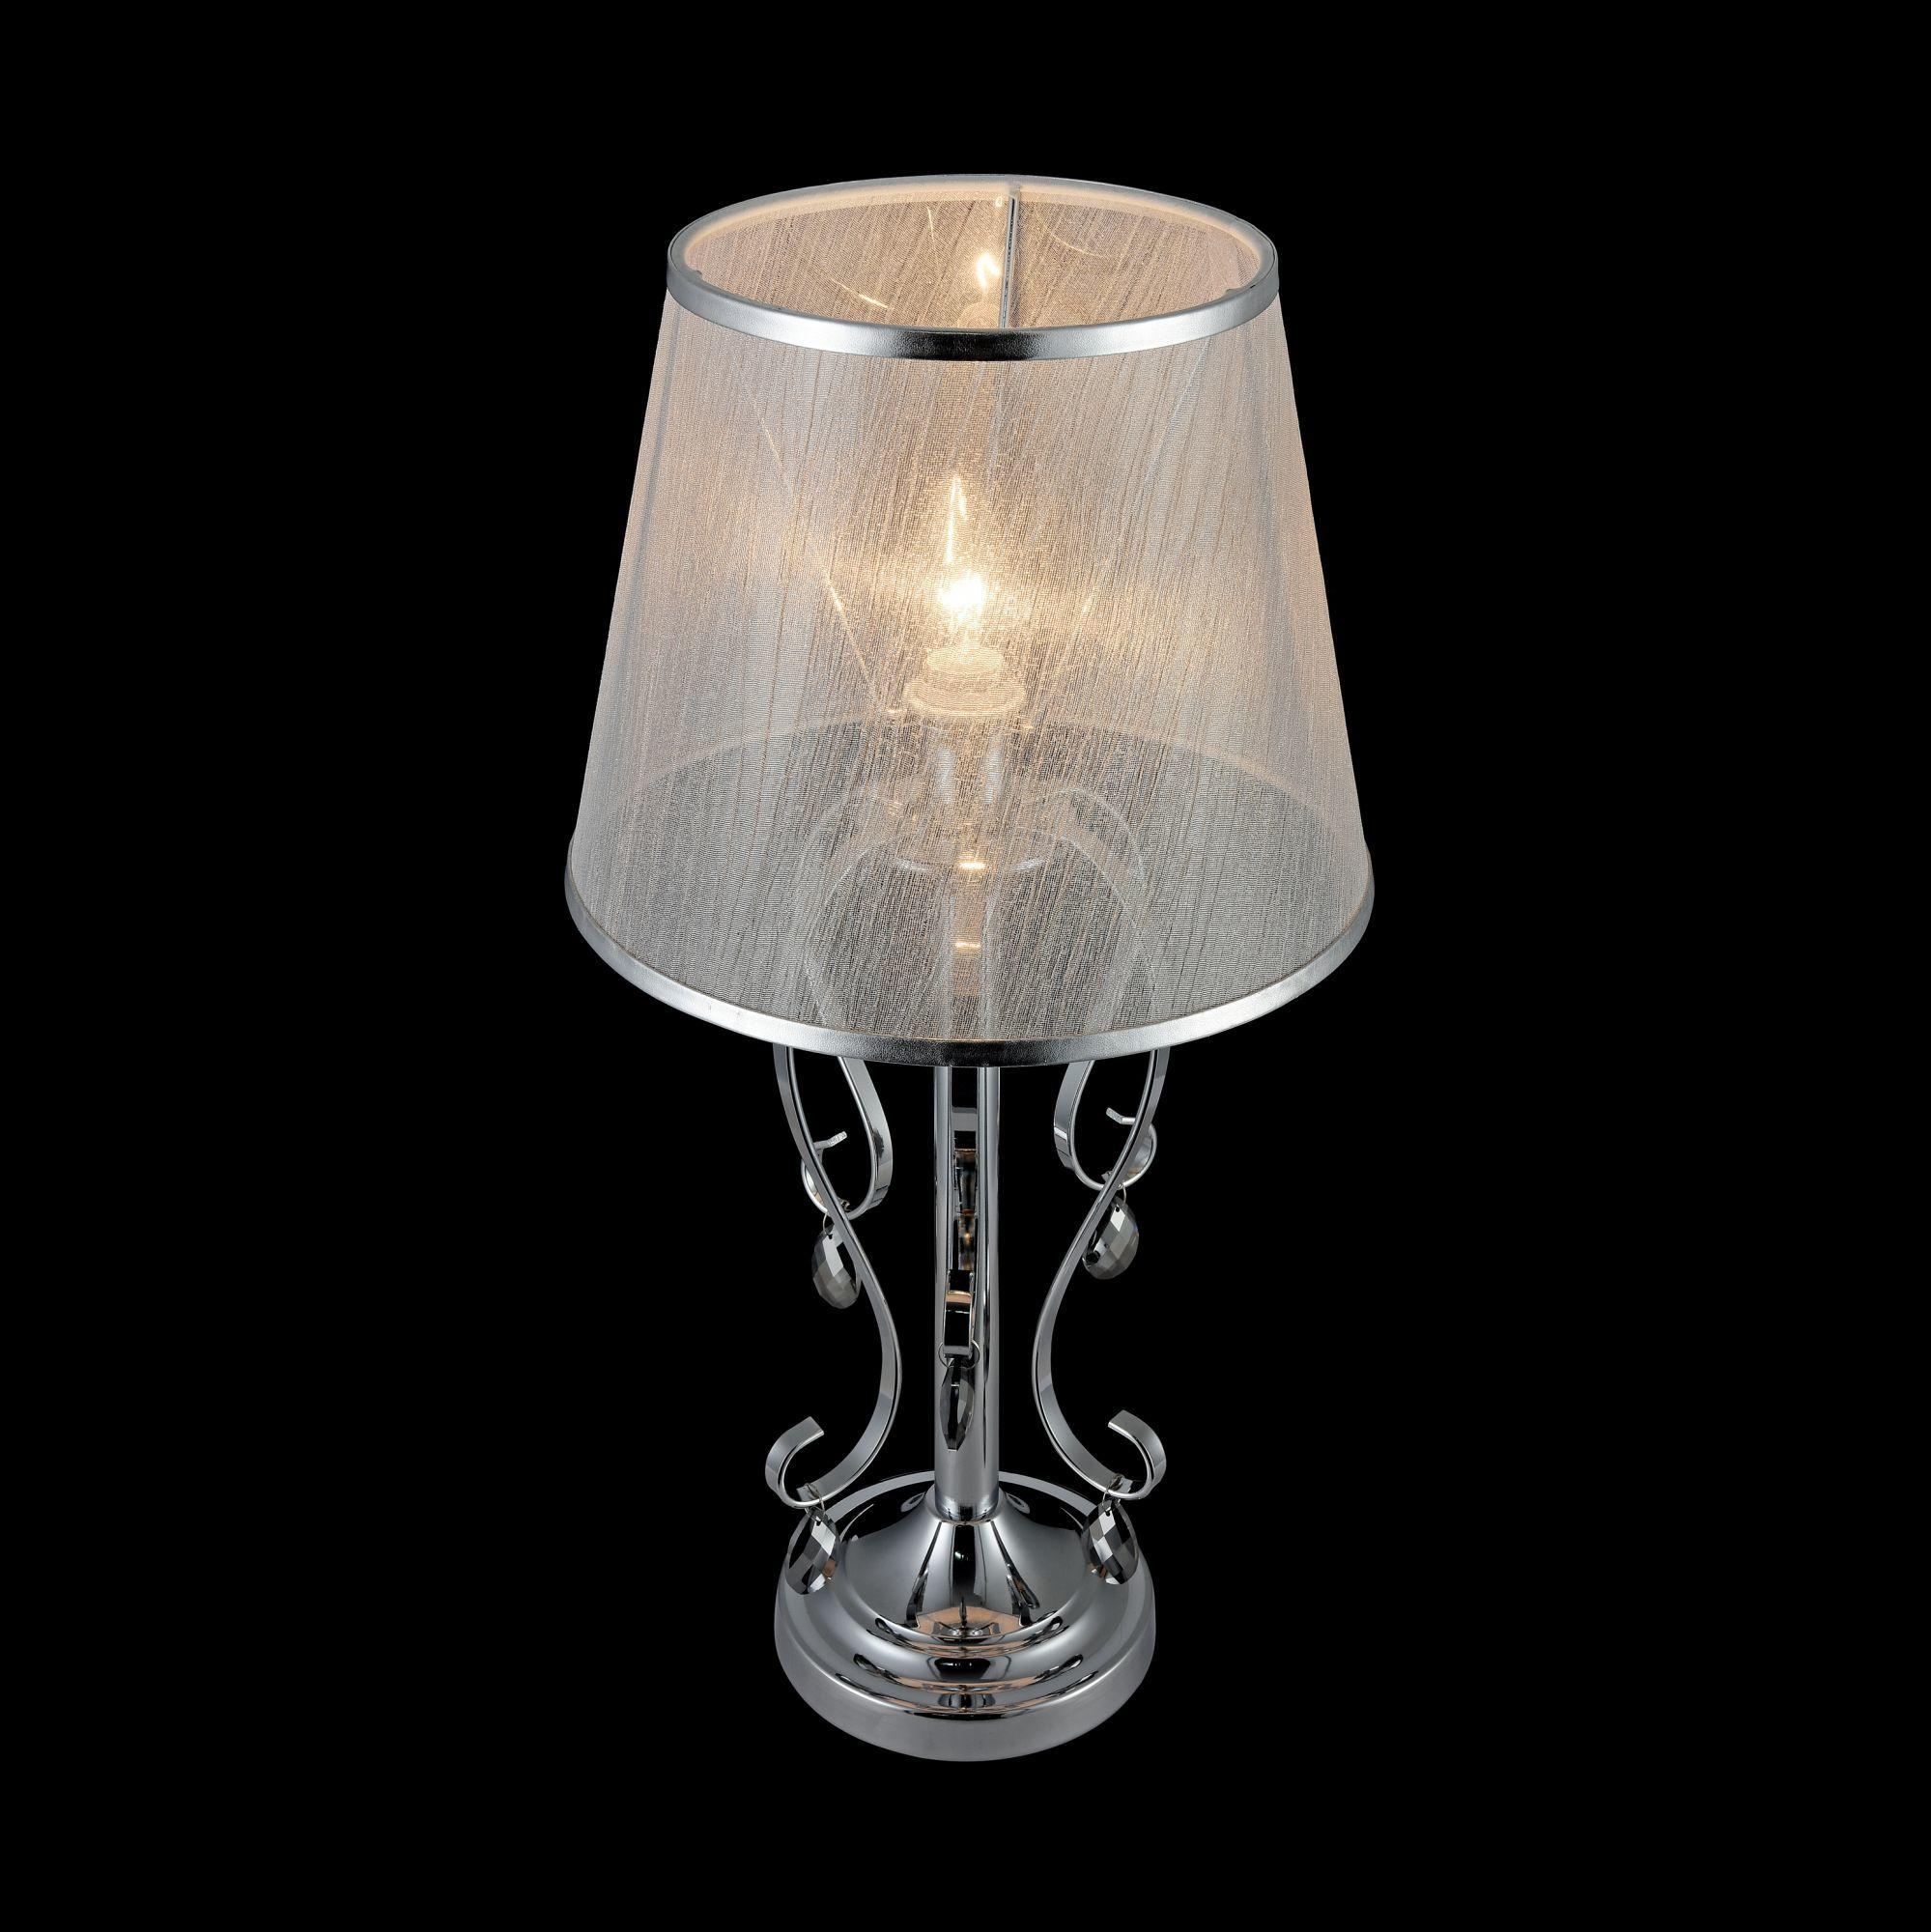 Настольная лампа Freya Simone FR2020-TL-01-CH, 1xE14x40W, хром, серебро, прозрачный, металл, текстиль, хрусталь - фото 6